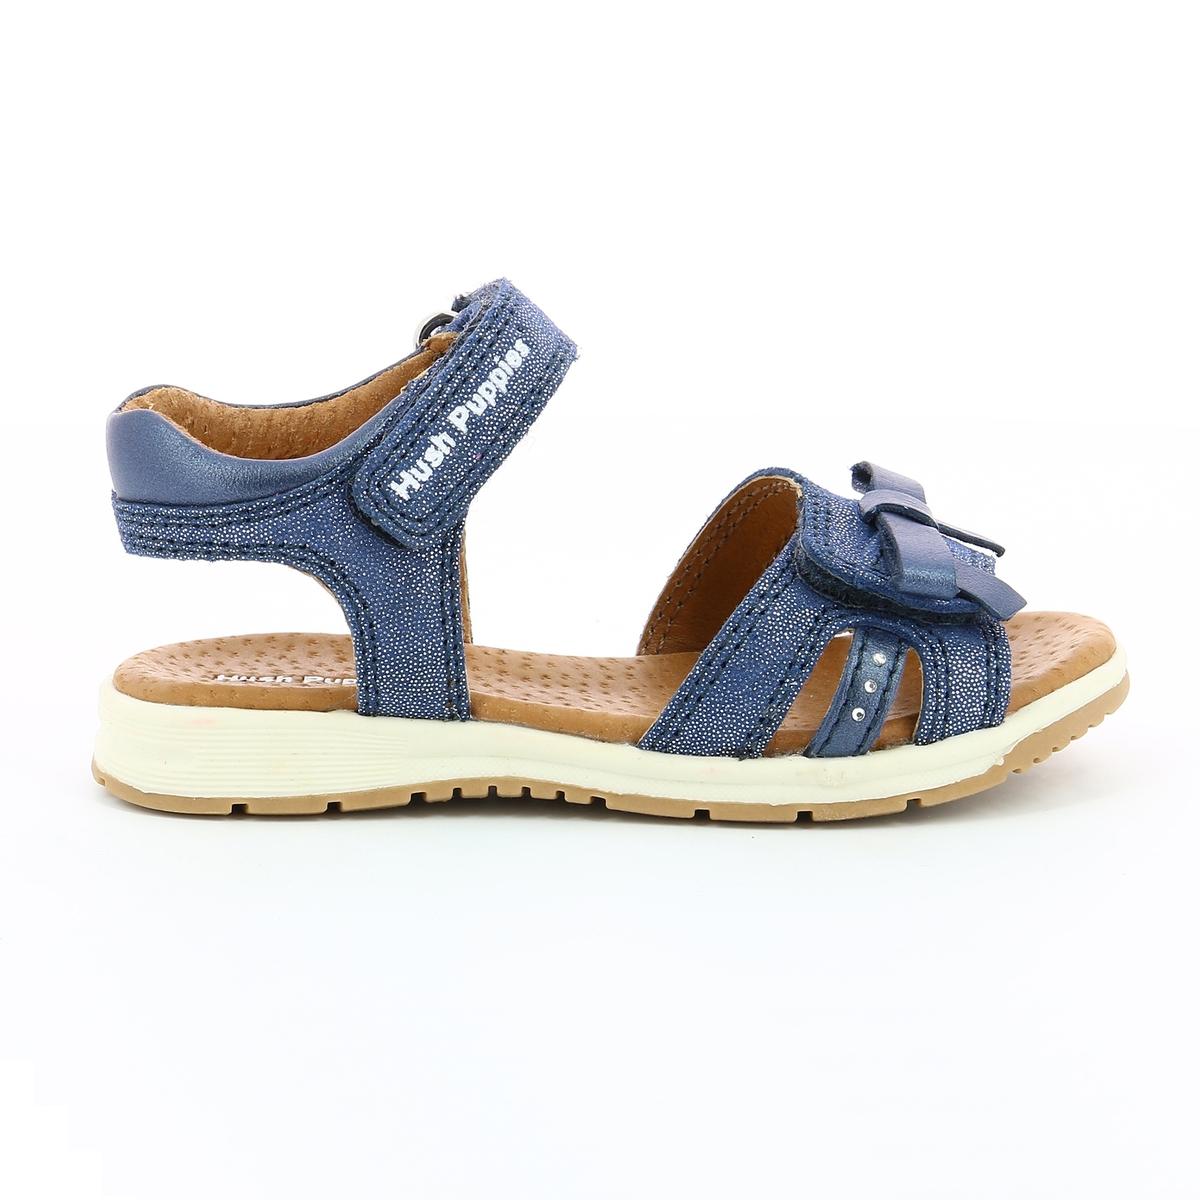 zapatillas Sandalias de piel Jelly